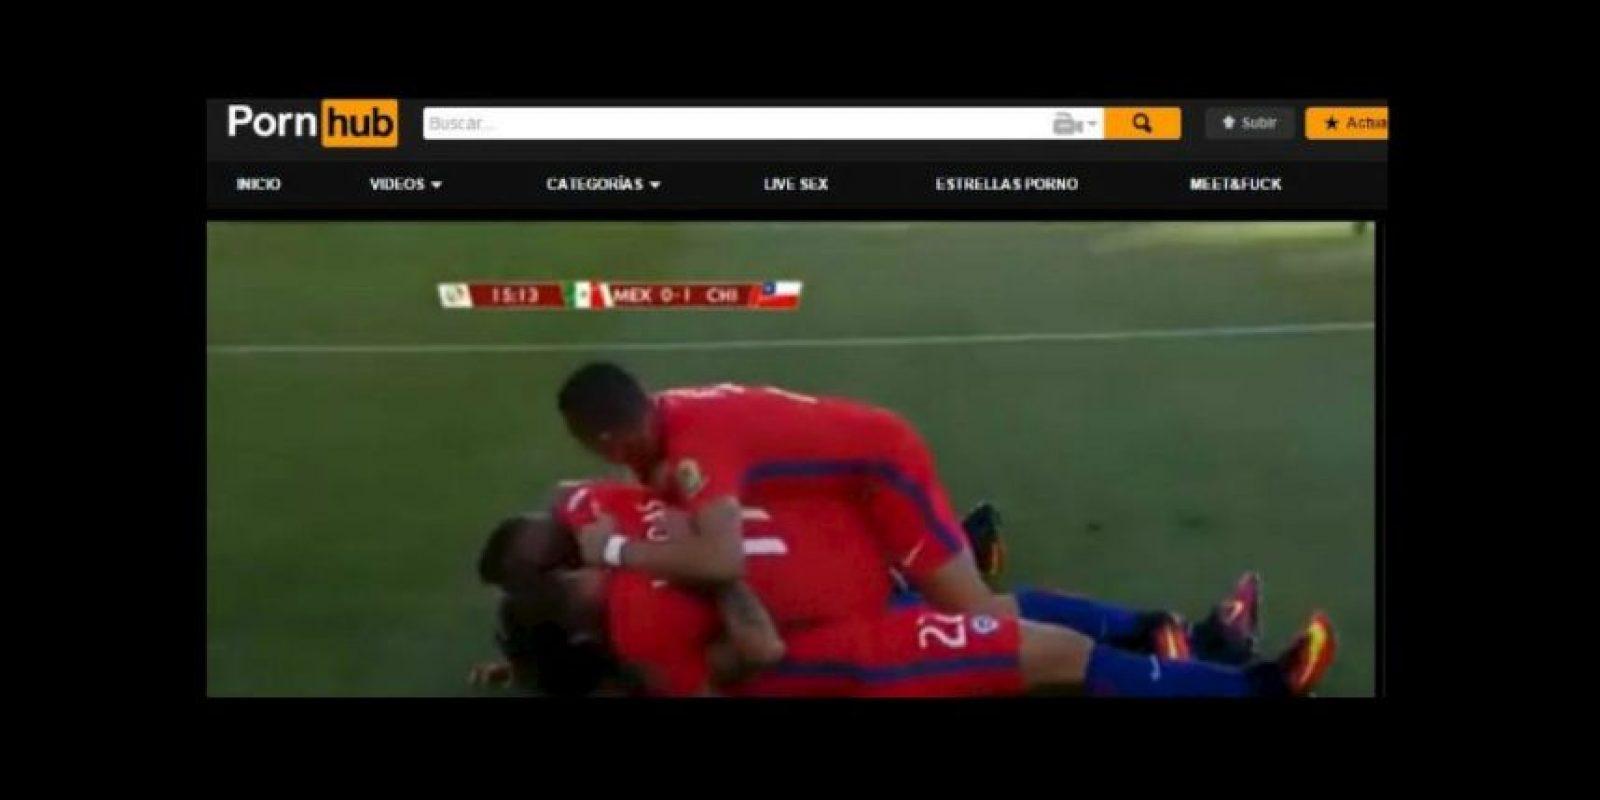 Un usuario del portal Pornhub subió el video de la goleada de Chile a México Foto:Pornhub